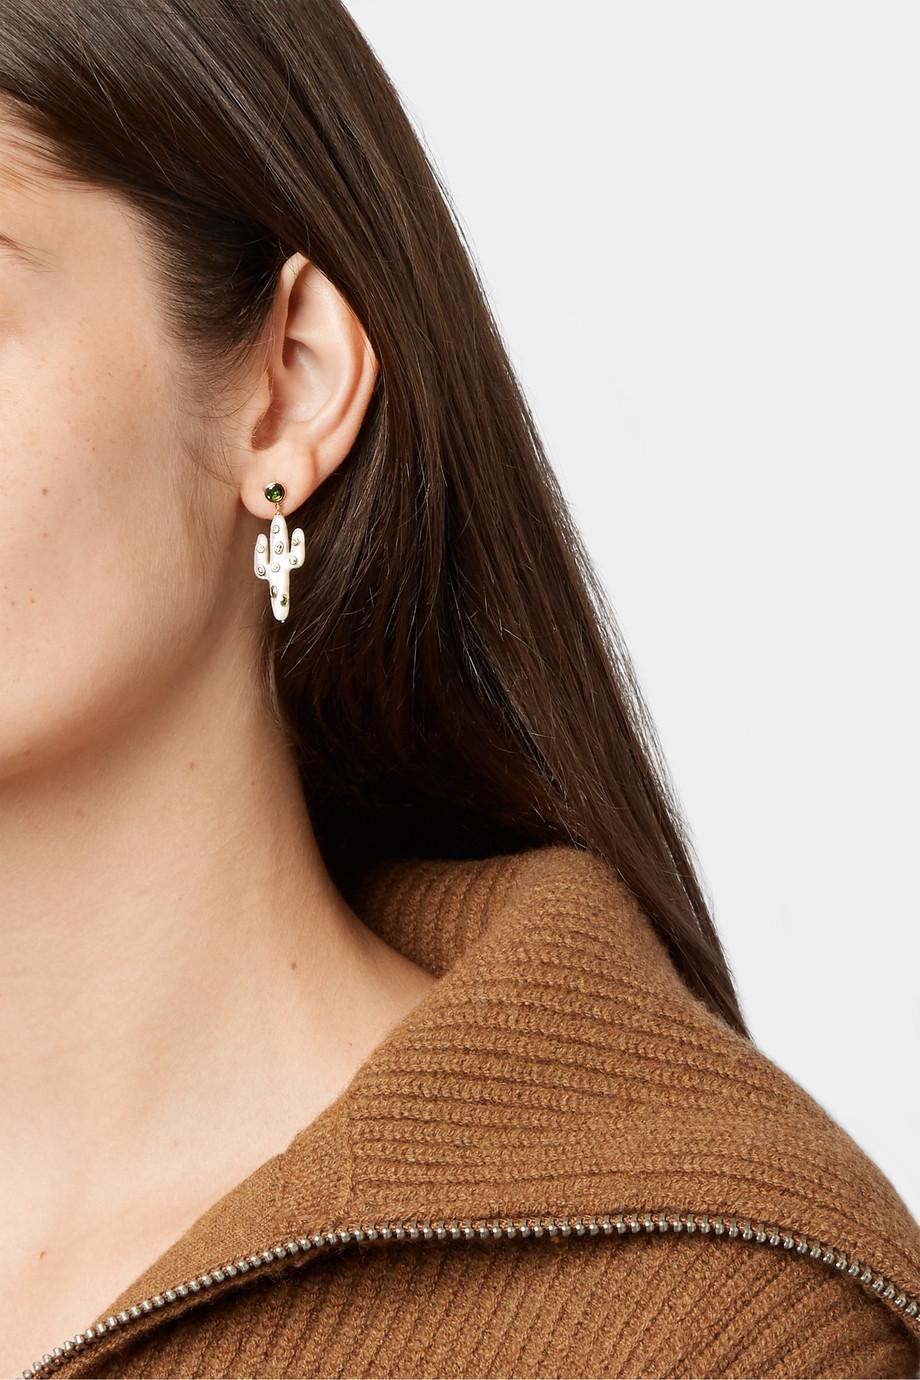 Yvonne Léon Boucles d'oreilles en or 18 carats, nacre et tsavorites